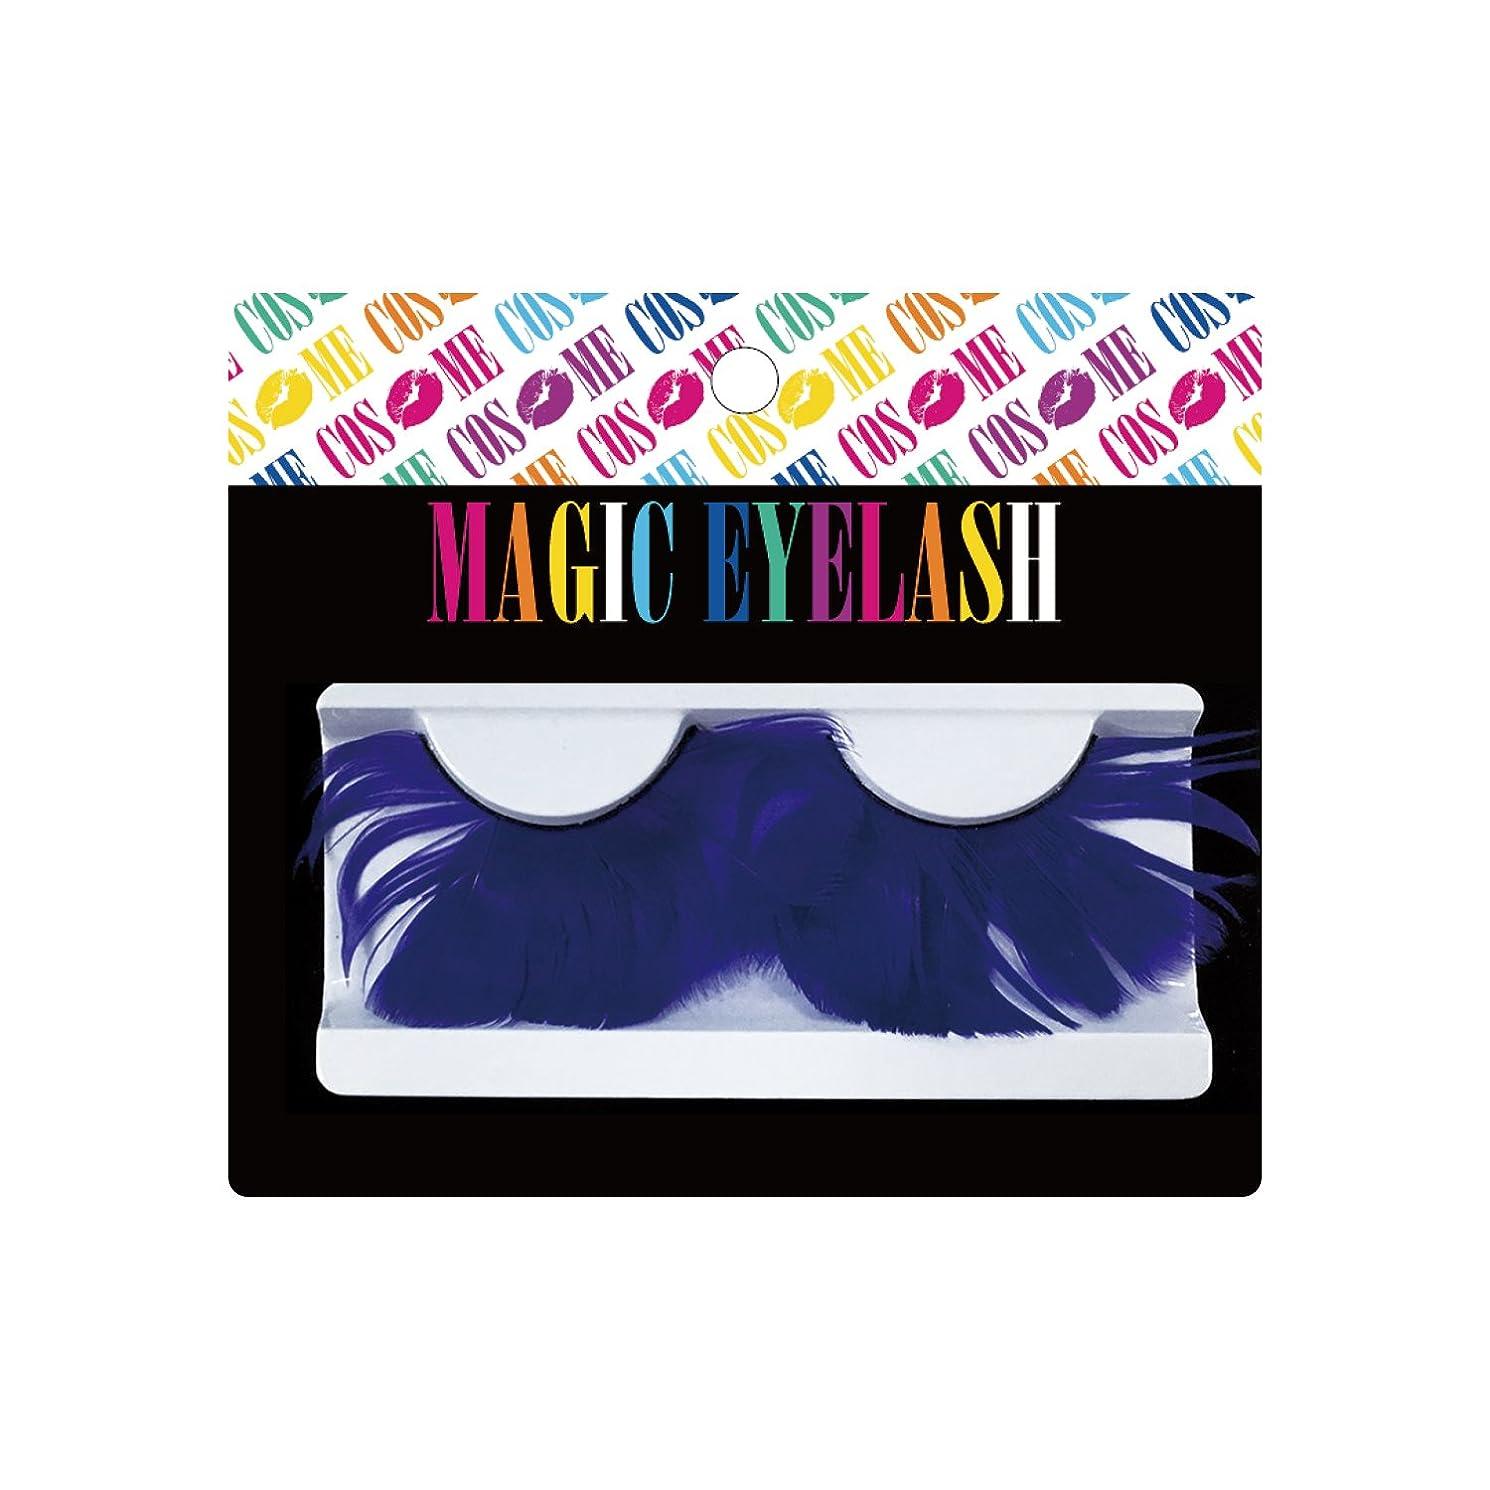 朝コードレスフレッシュピュア つけまつげ MAGIC EYELASH マジック アイラッシュ #15